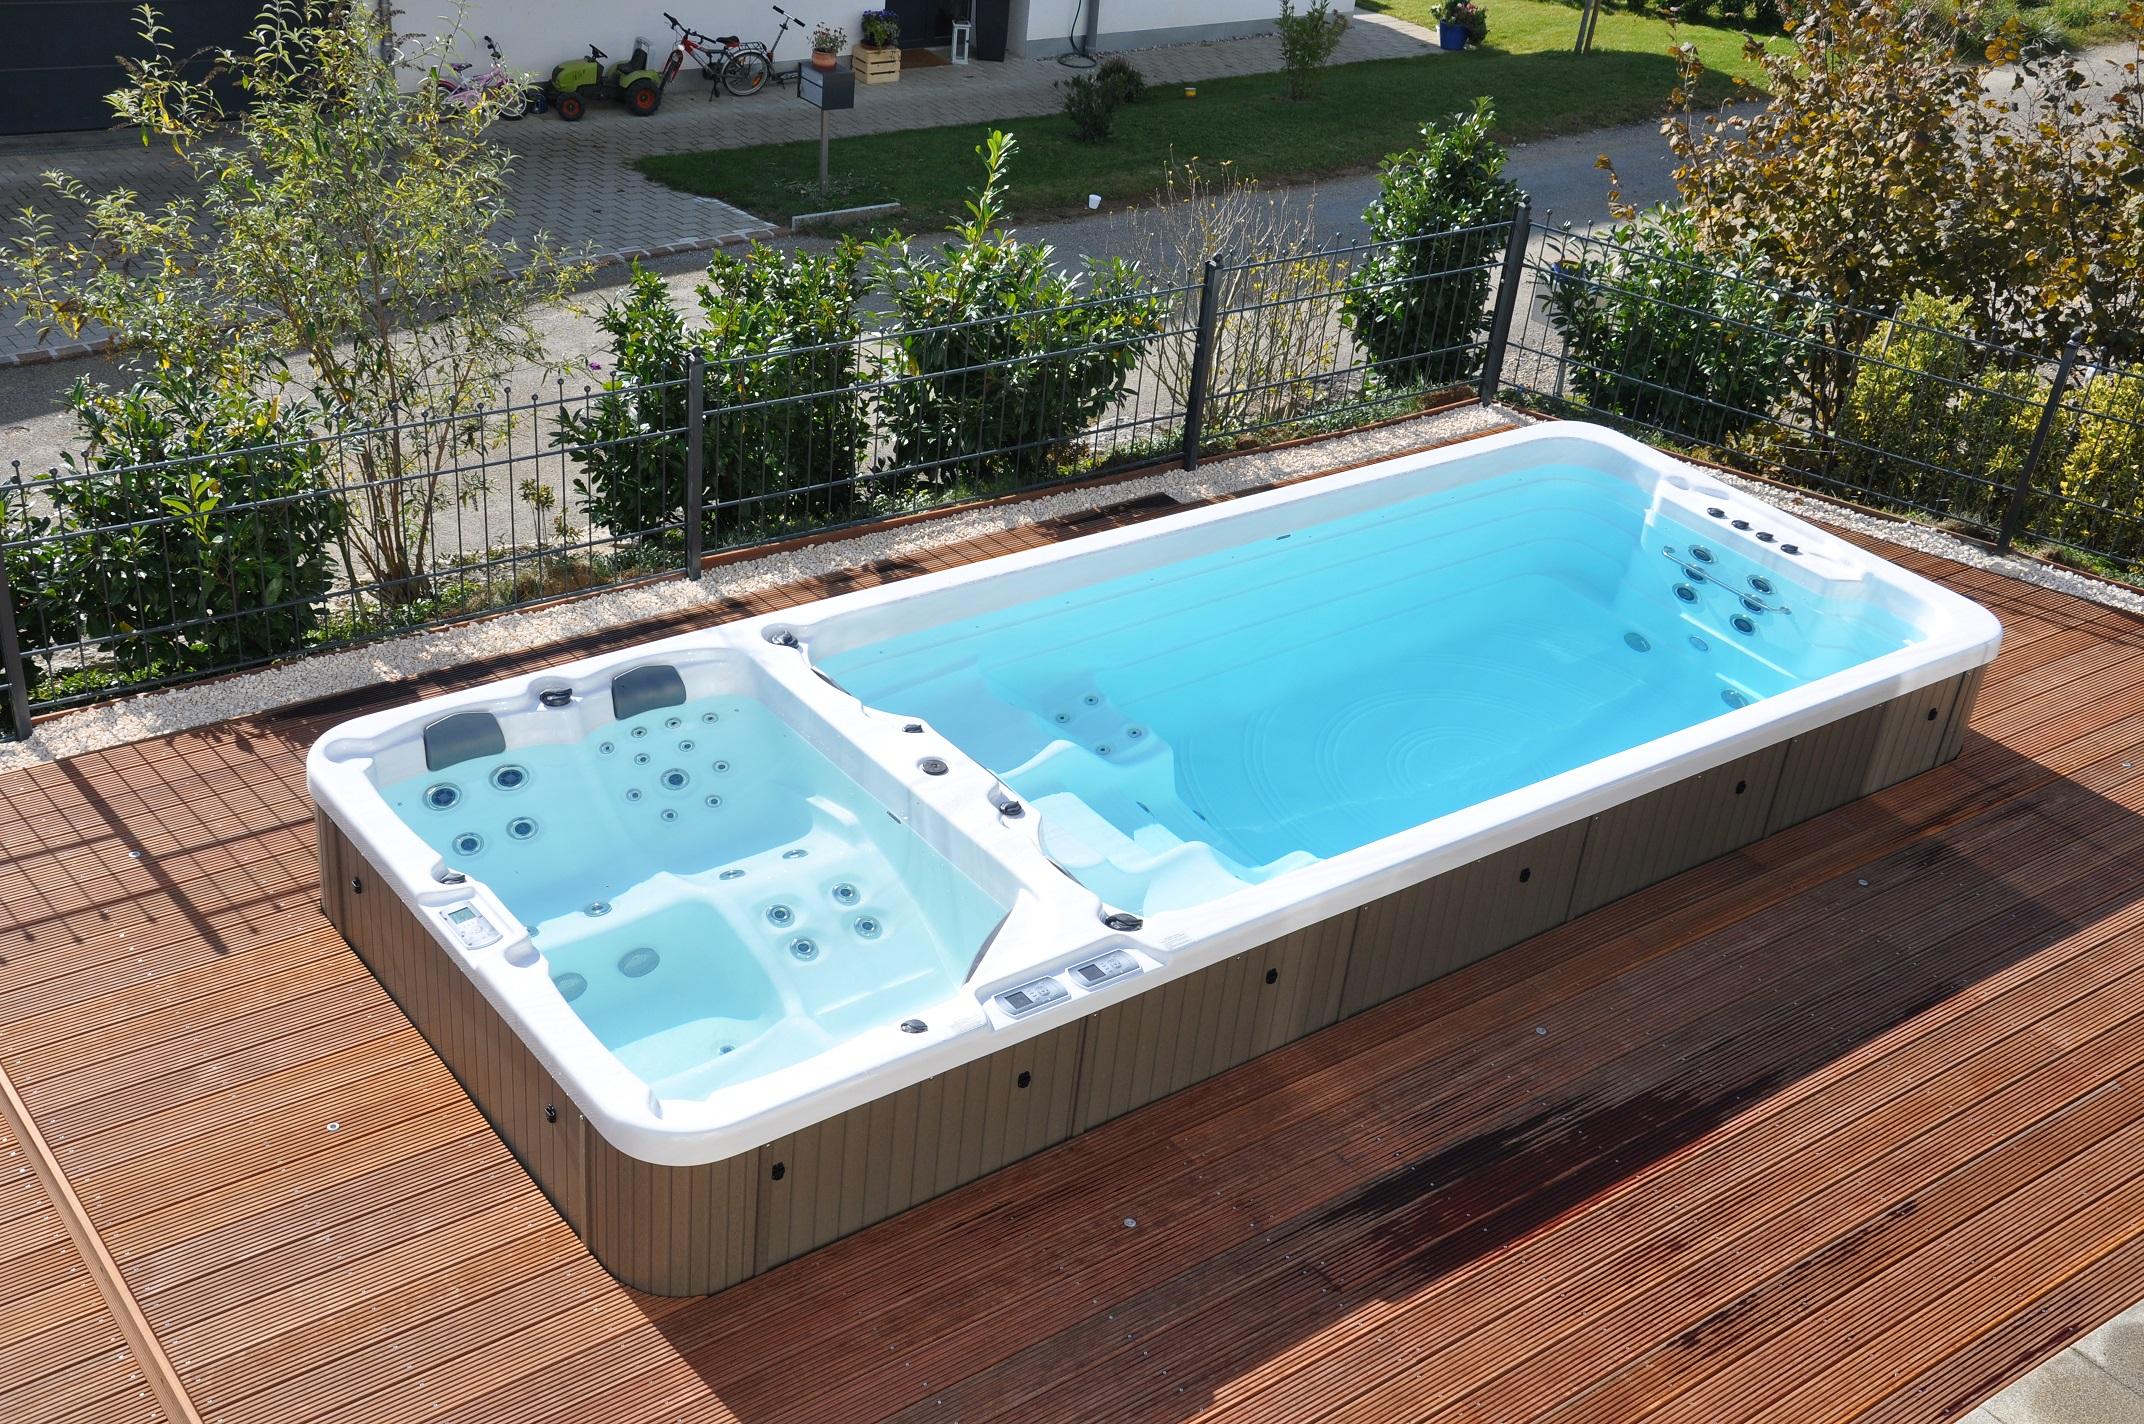 Jacuzzi ogrodowe wanny spa ciesz si prywatn sesj for Zwembad zelf inbouwen